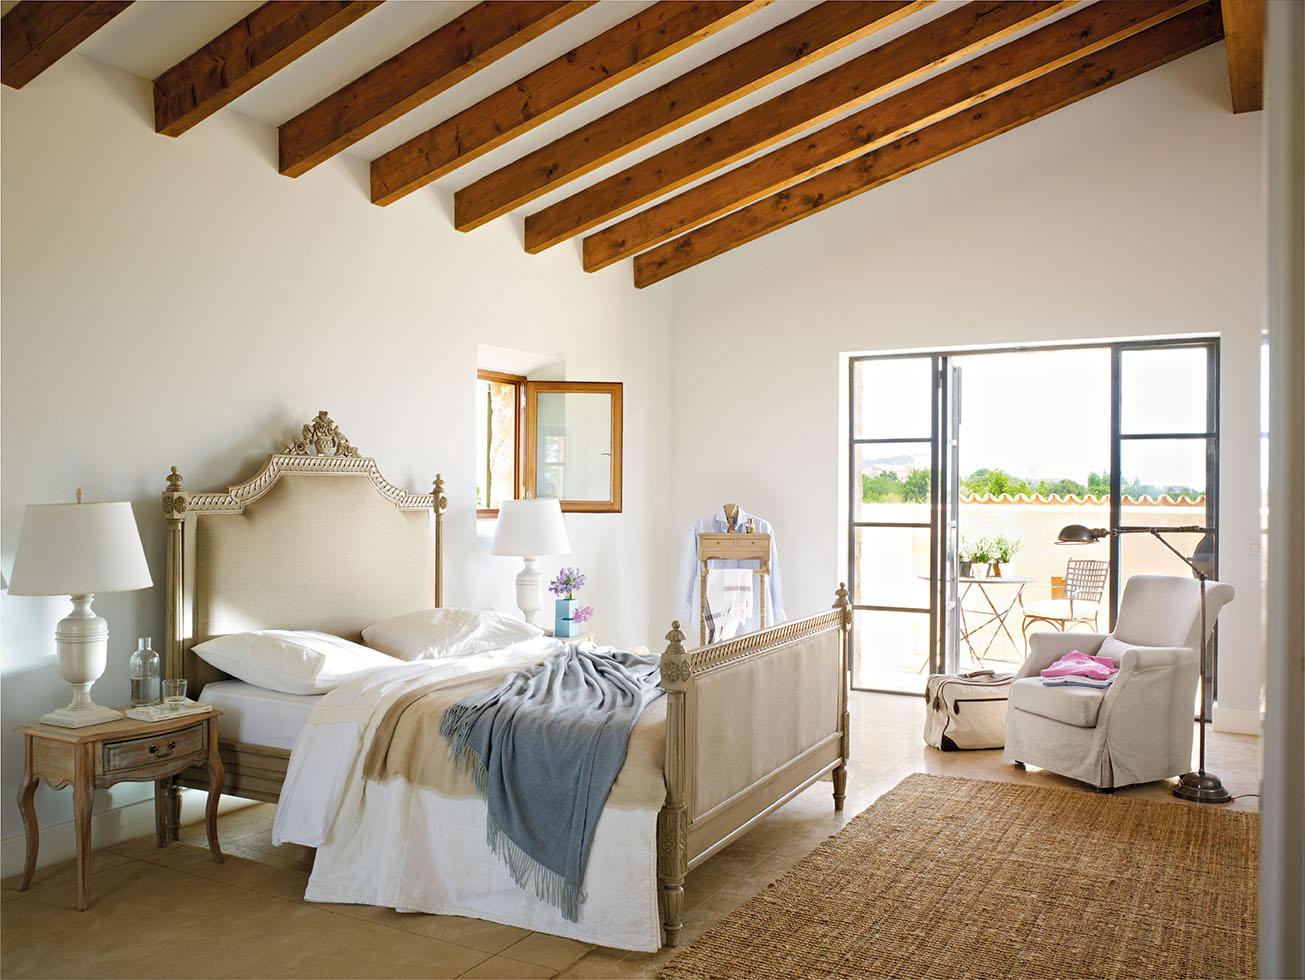 dormitorio principal con vigas de madera y mobiliario en un estilo clsico